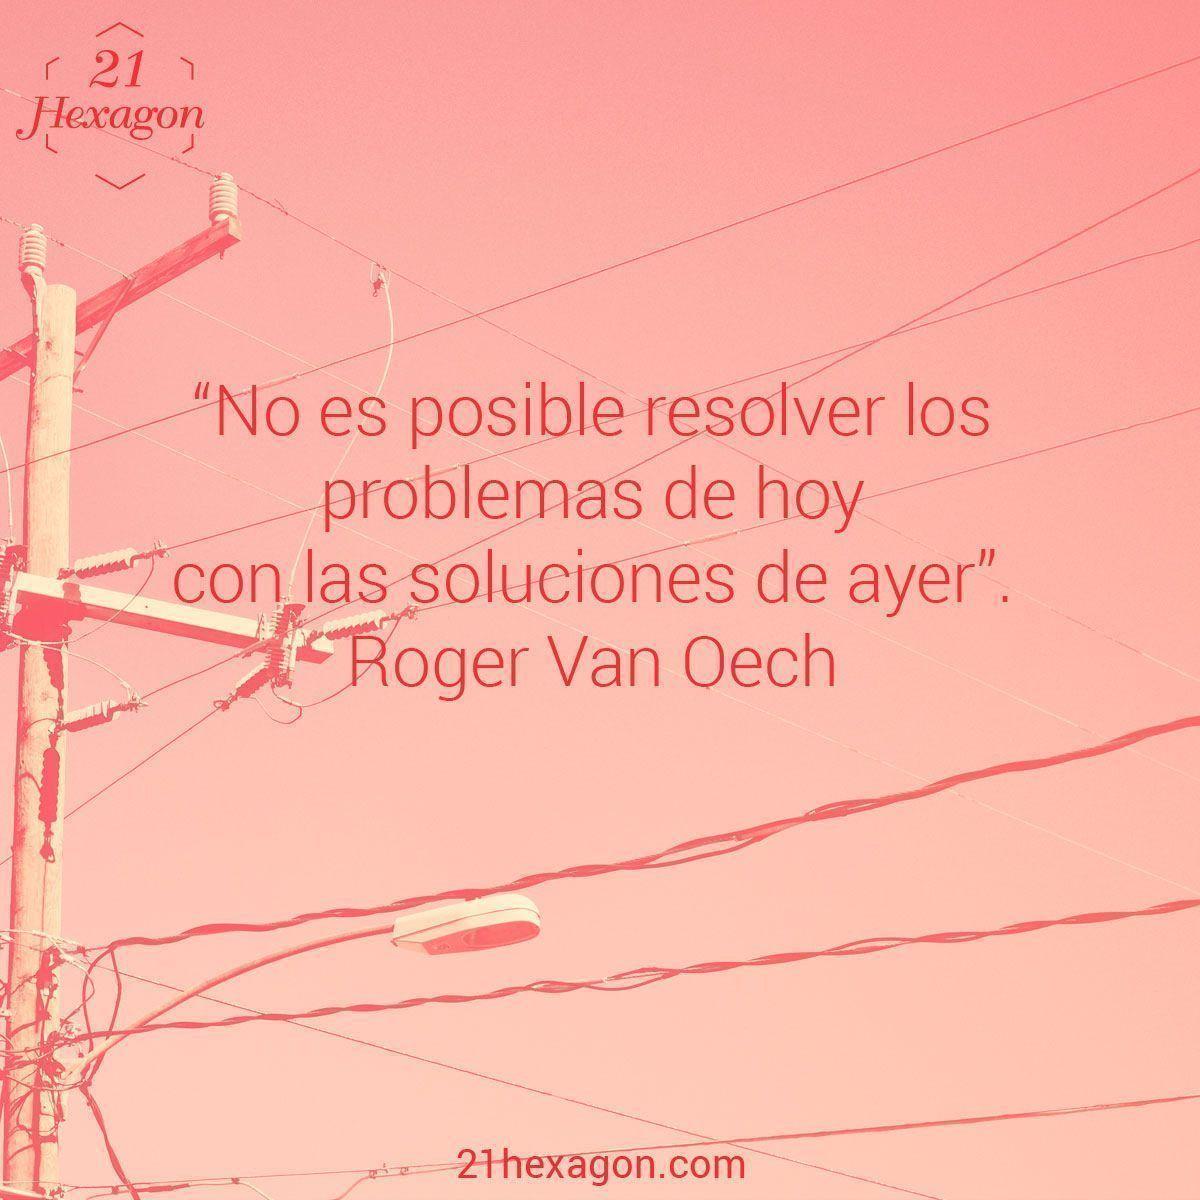 quotes_21hexagon_44.jpg